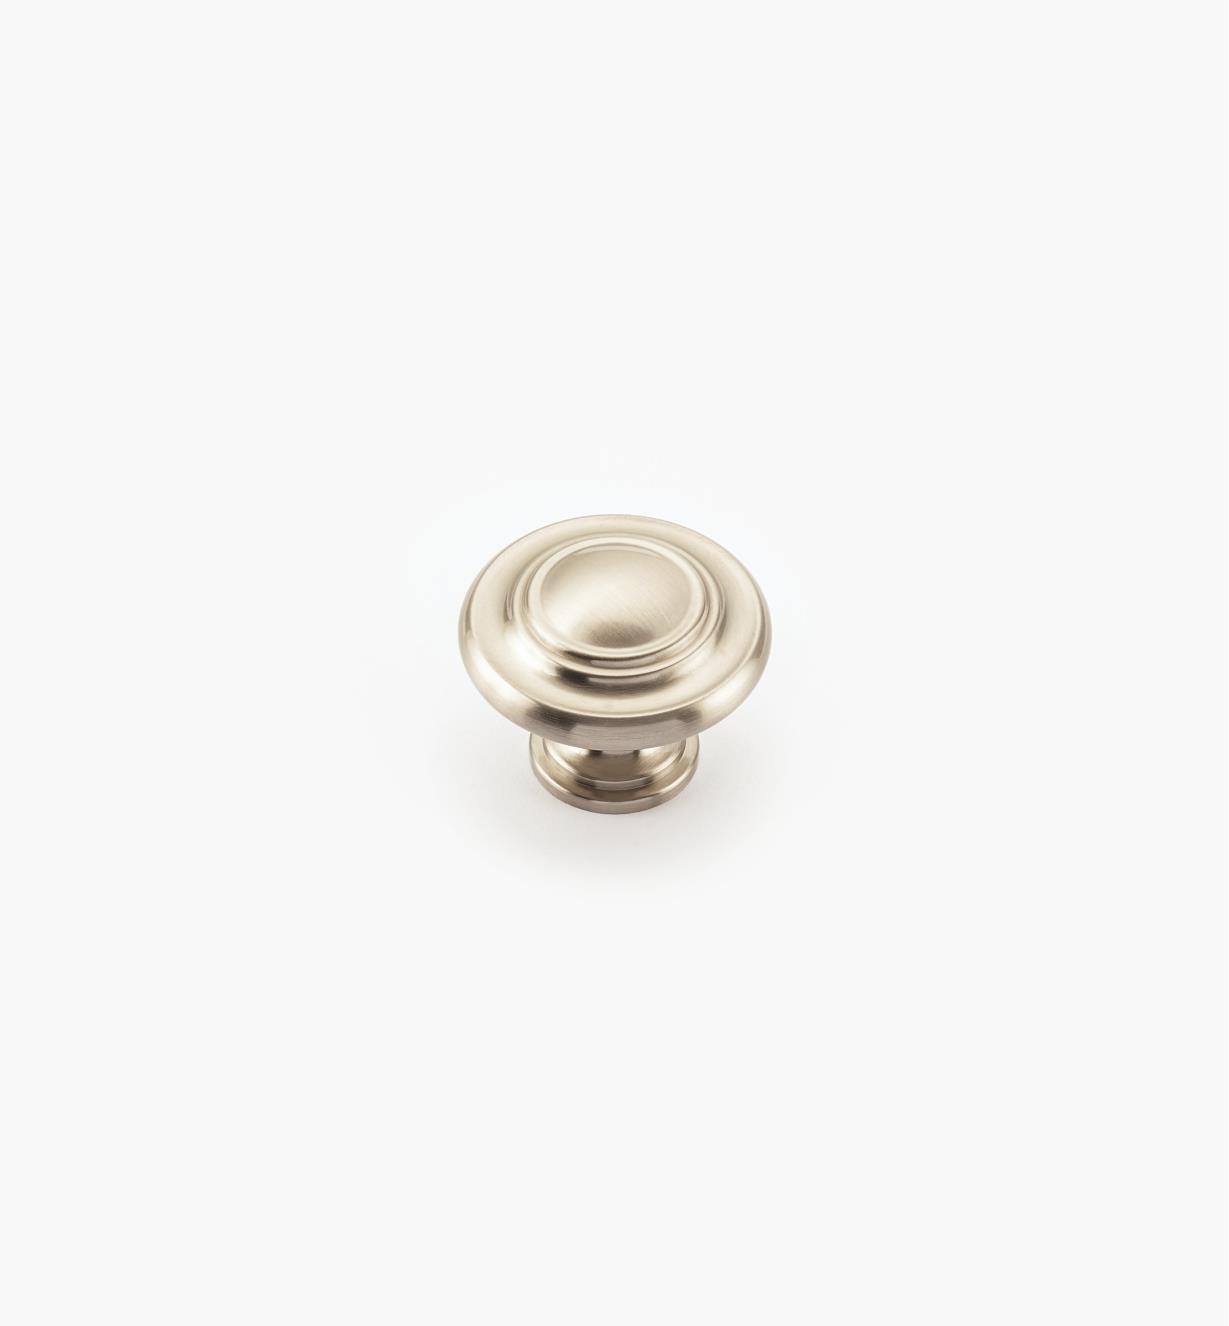 02A1080 - Bouton annelé de 13/4po, série Inspirations, fini chrome satiné